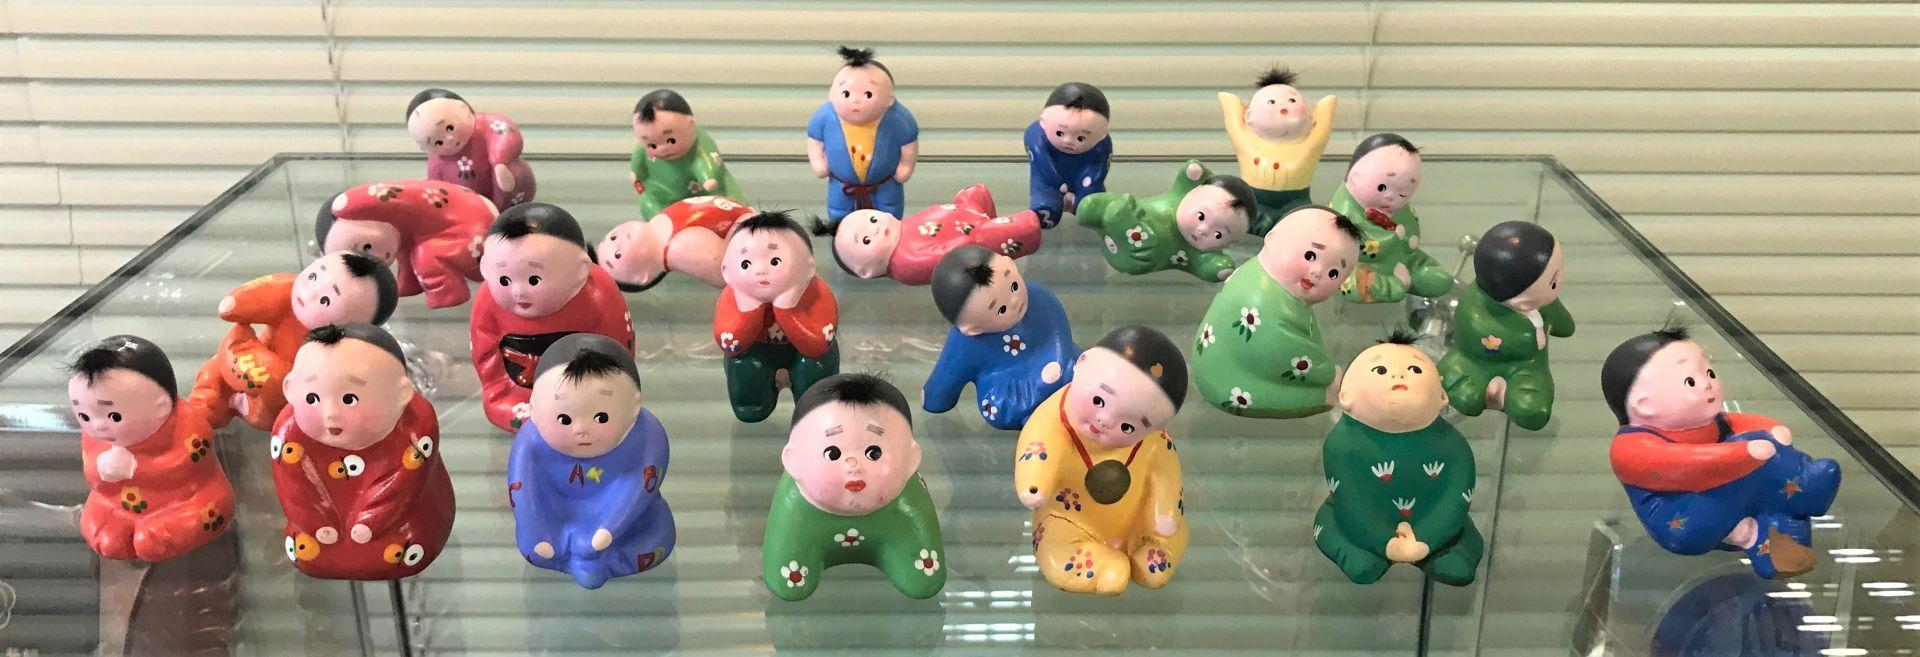 呂鴻基醫生於心臟病兒童基金會辦公室內的兒童小公仔